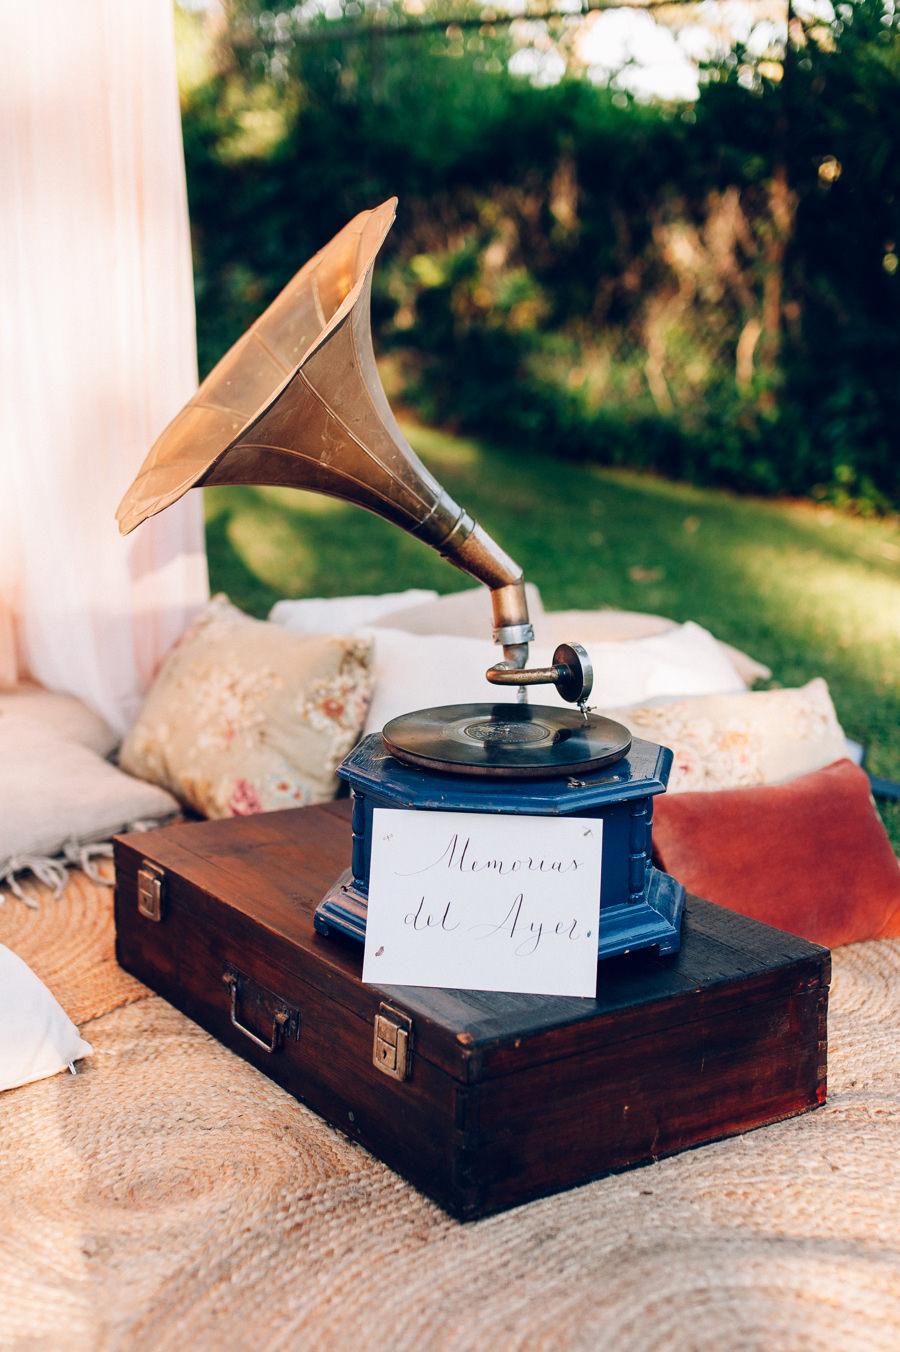 Photocall romantico con tules y cojines 12